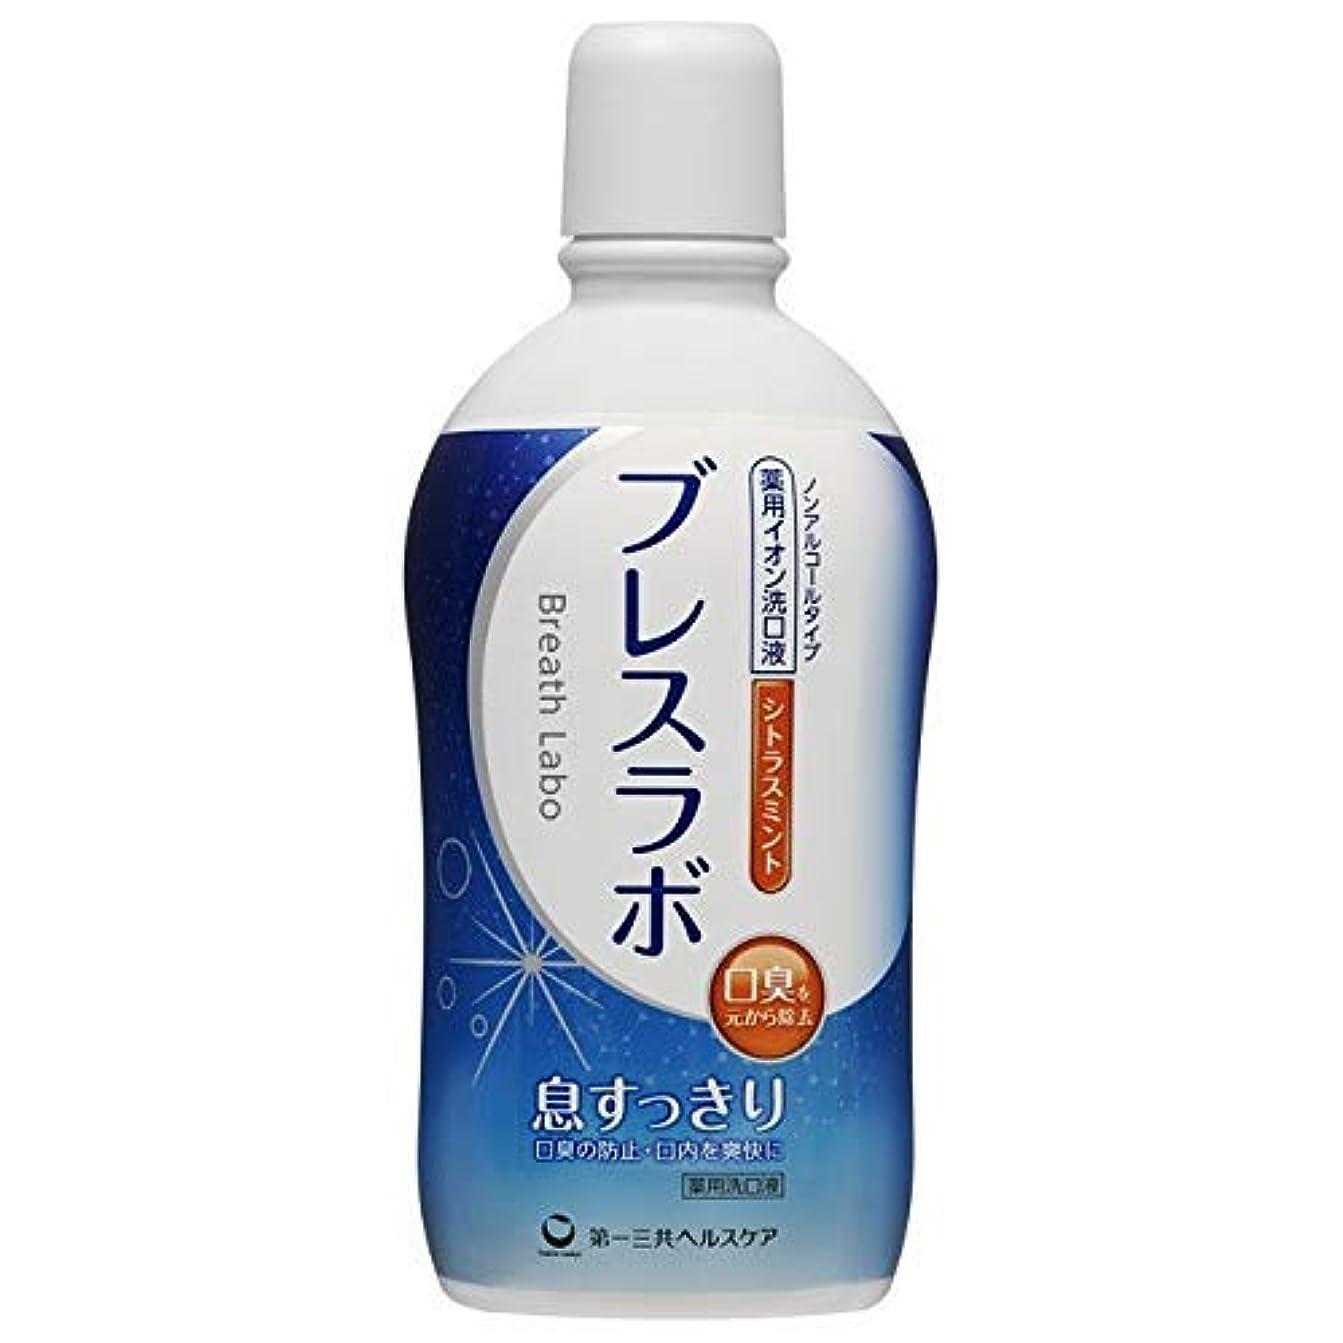 パット発症隔離【5個セット】ブレスラボ マウスウォッシュ シトラスミント 450ml